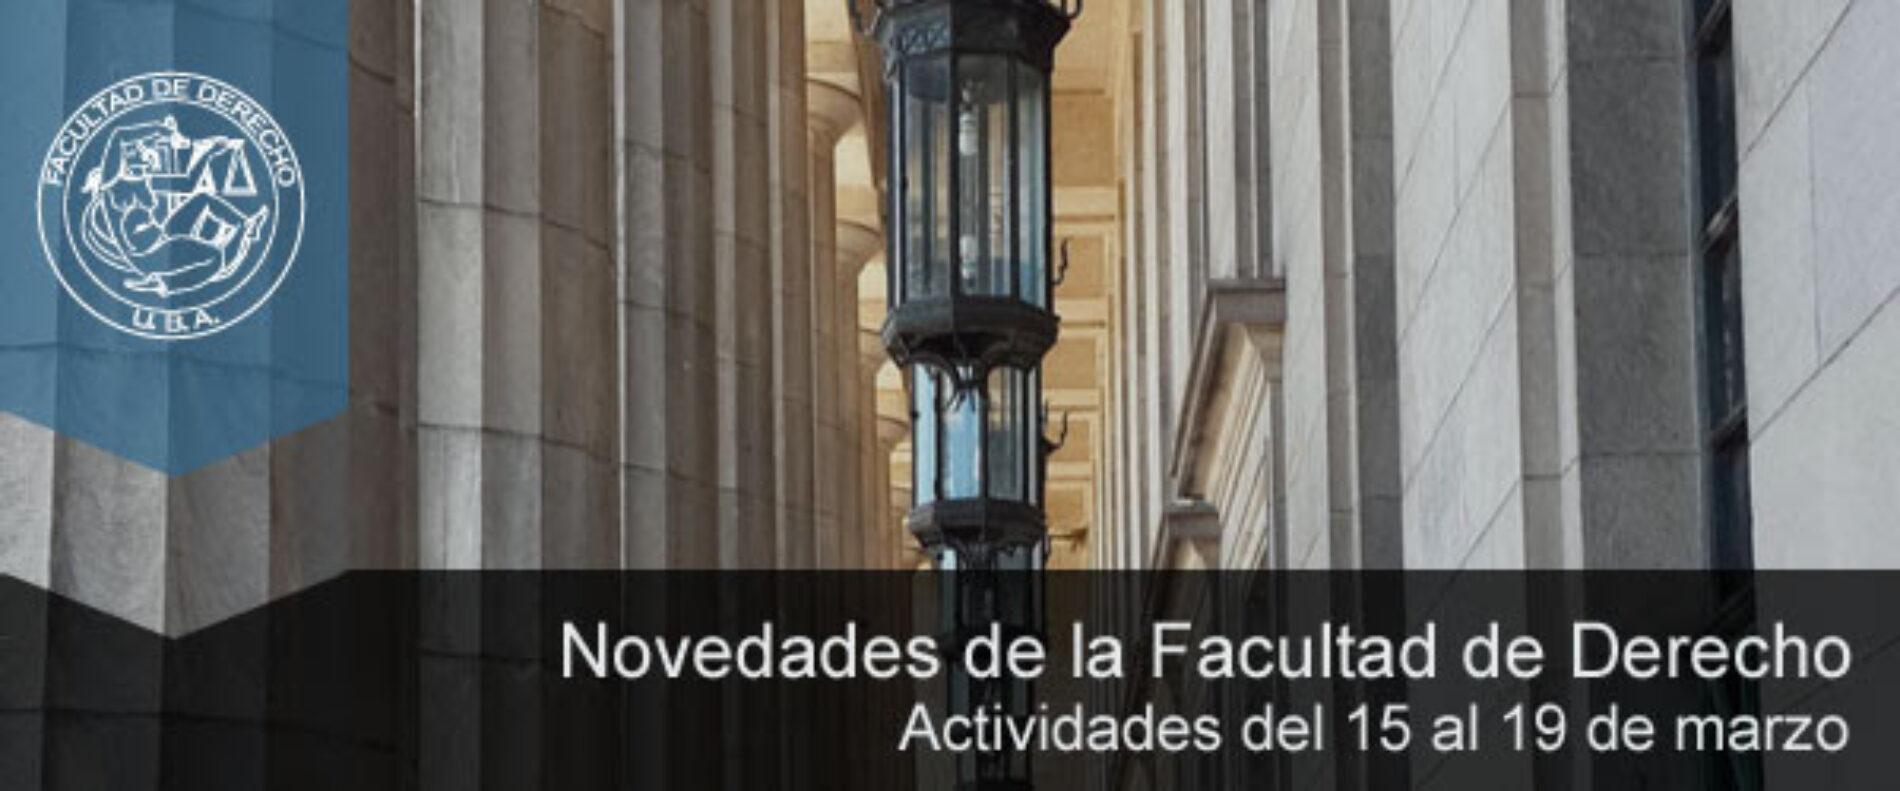 Facultad de Derecho (UBA): Agenda de actividades – Semana del 15 al 19 de marzo de 2021